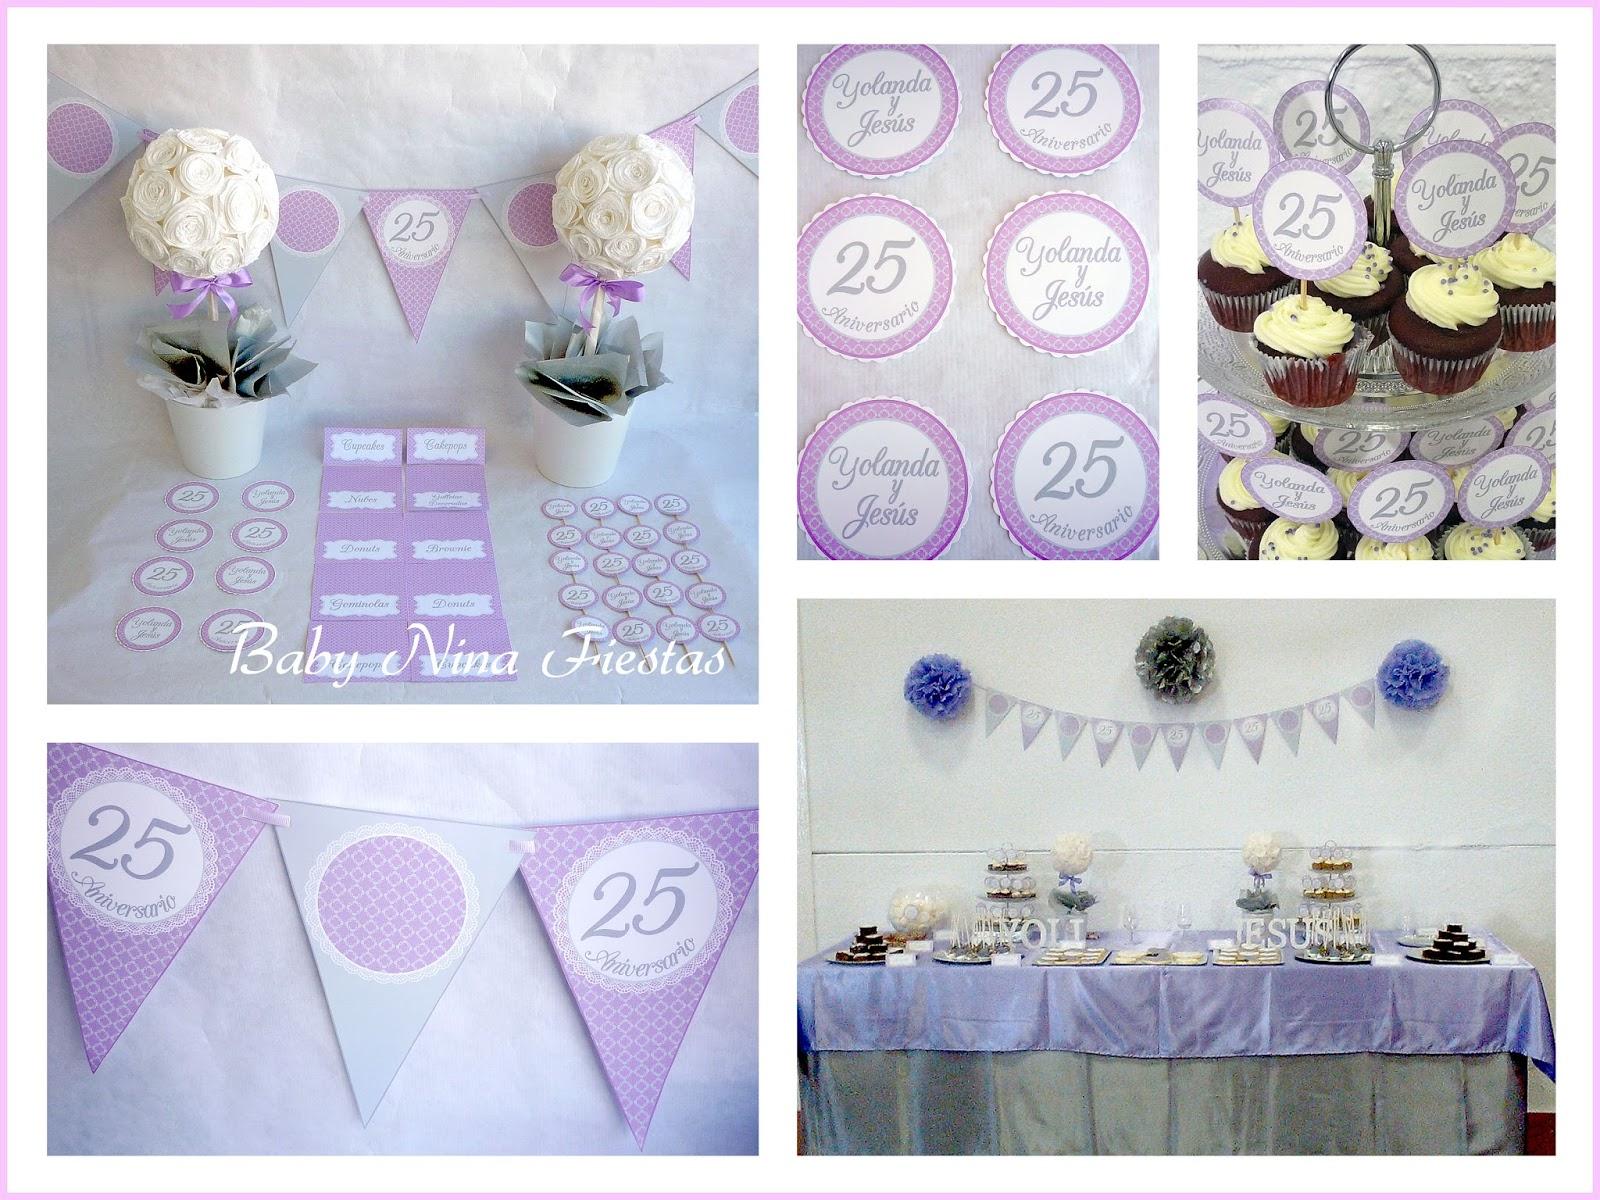 Decoracion para bodas de plata bonita decoracin de dulces - Decoracion para bodas de plata ...